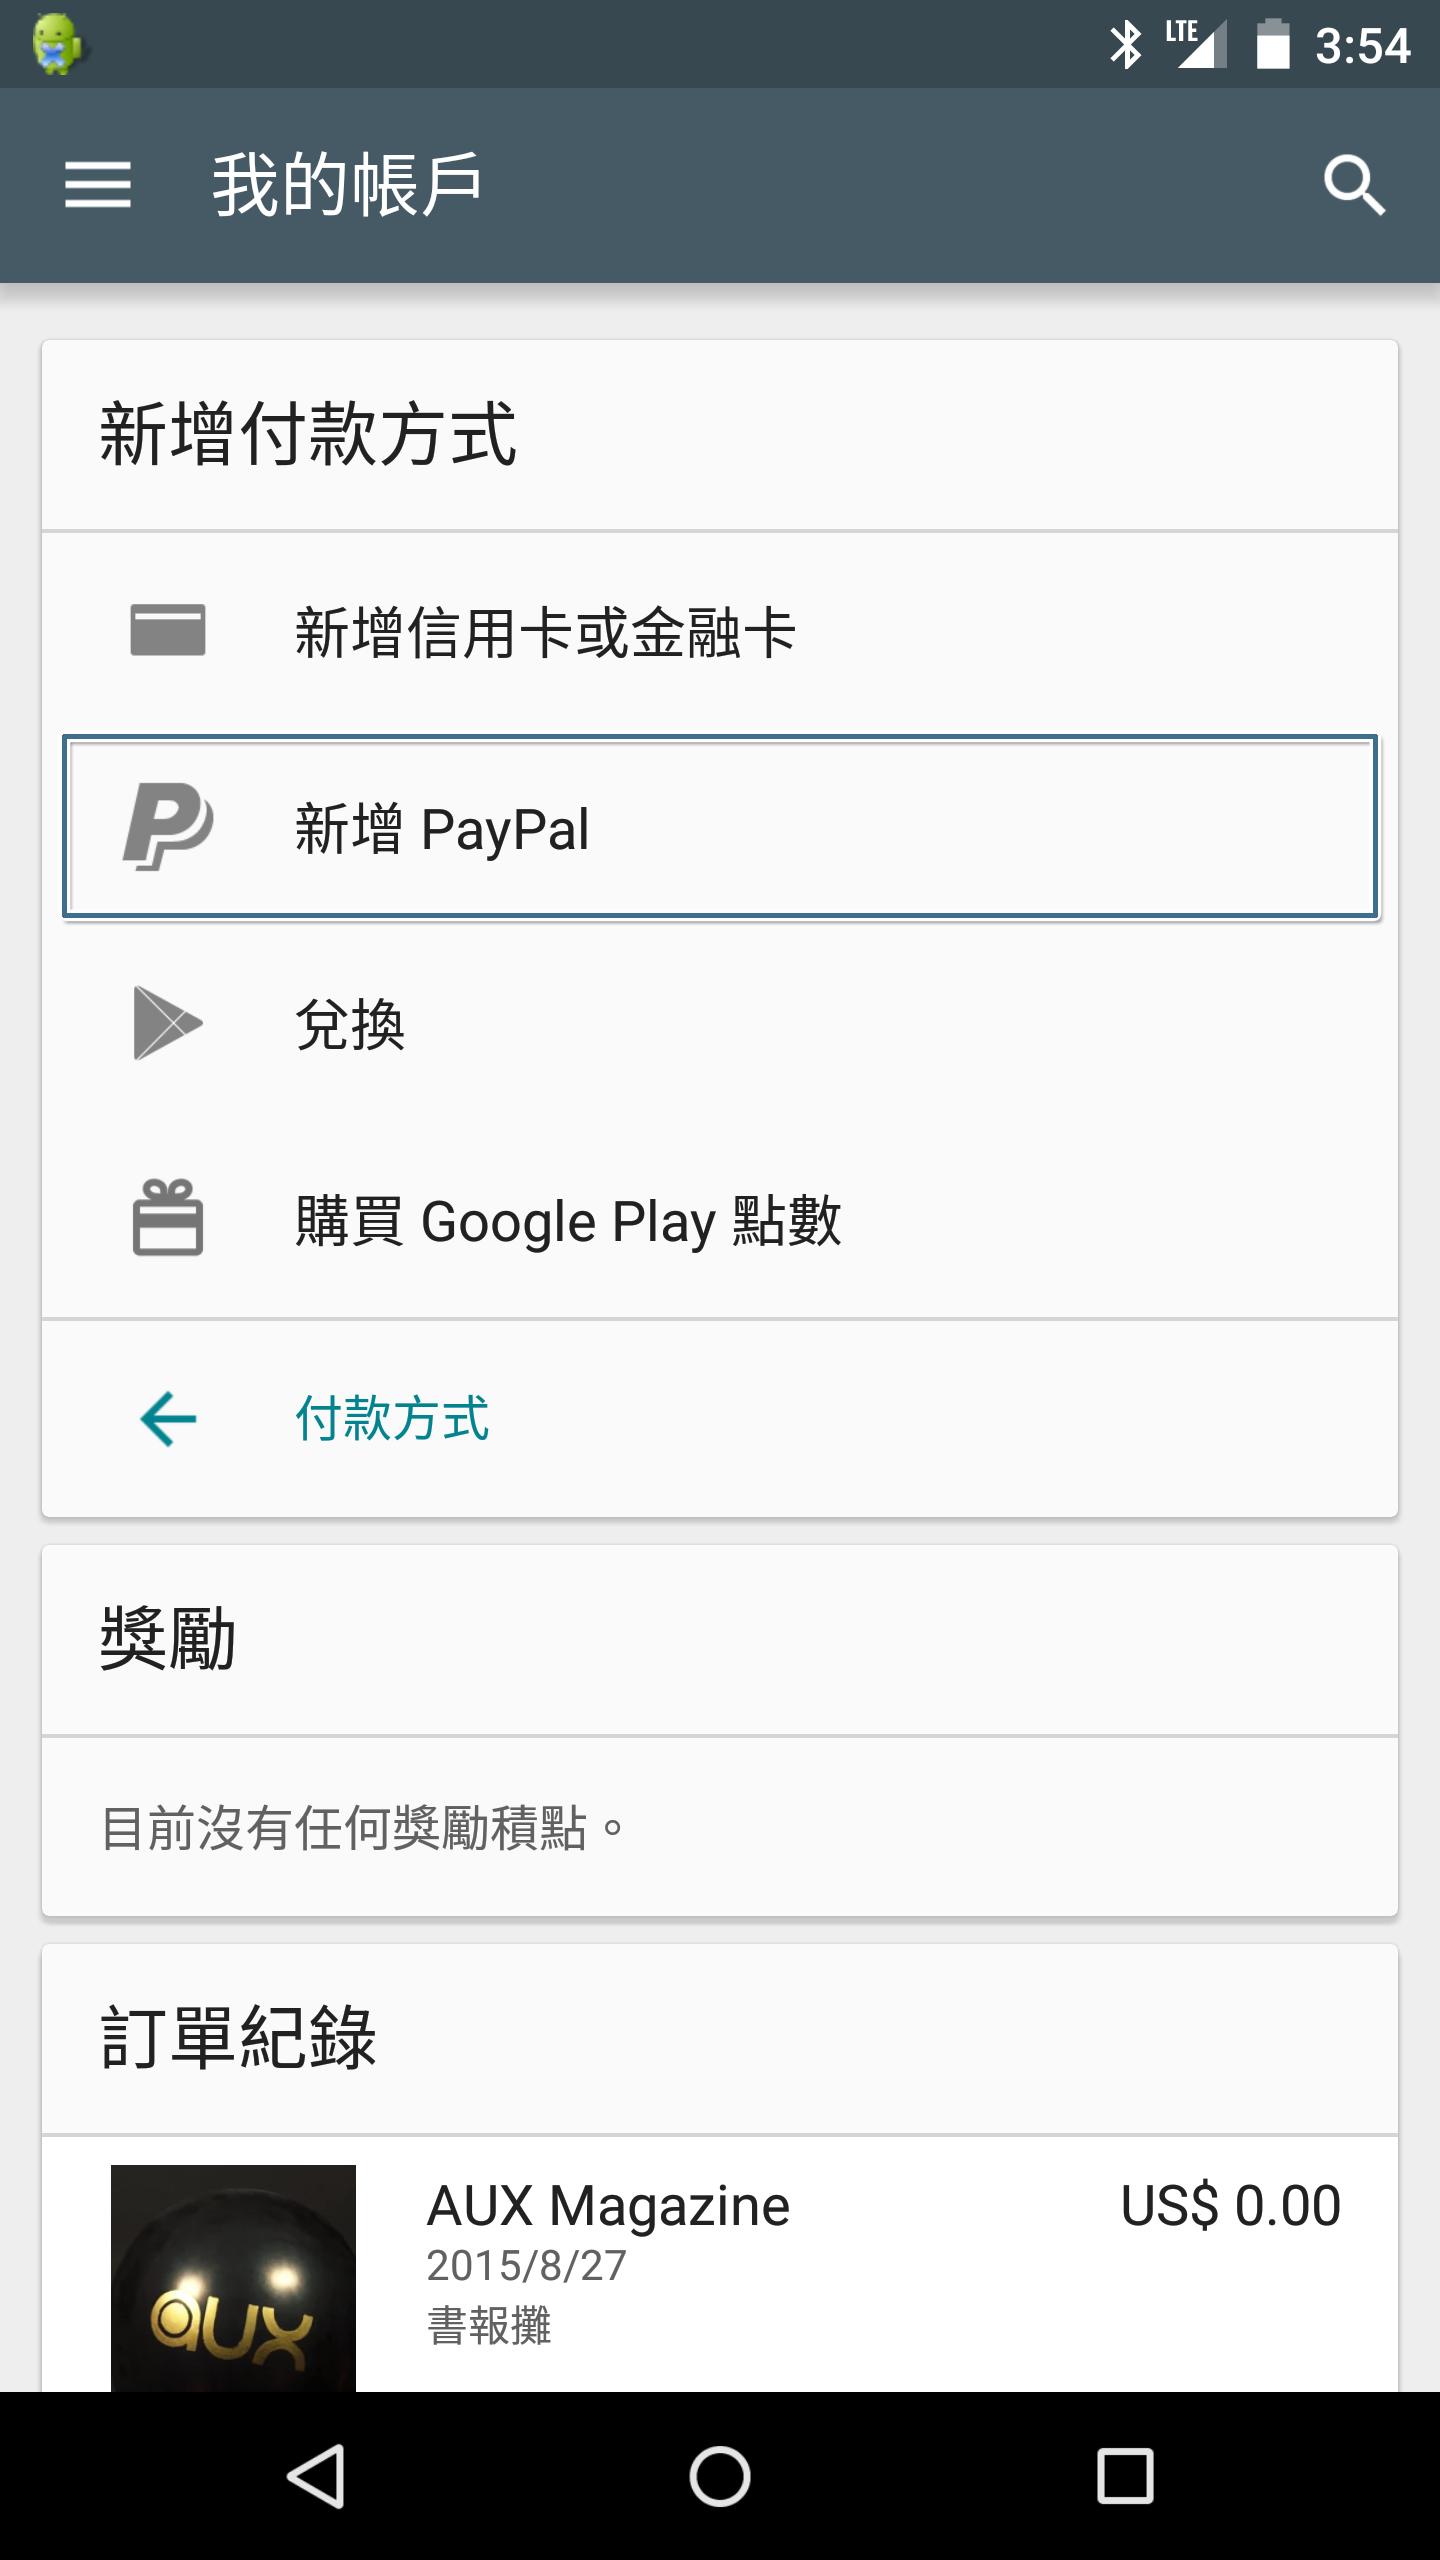 特定地區的 Google 帳戶可以在 Google Play 商店 App 中找到 PayPal 這項付款工具